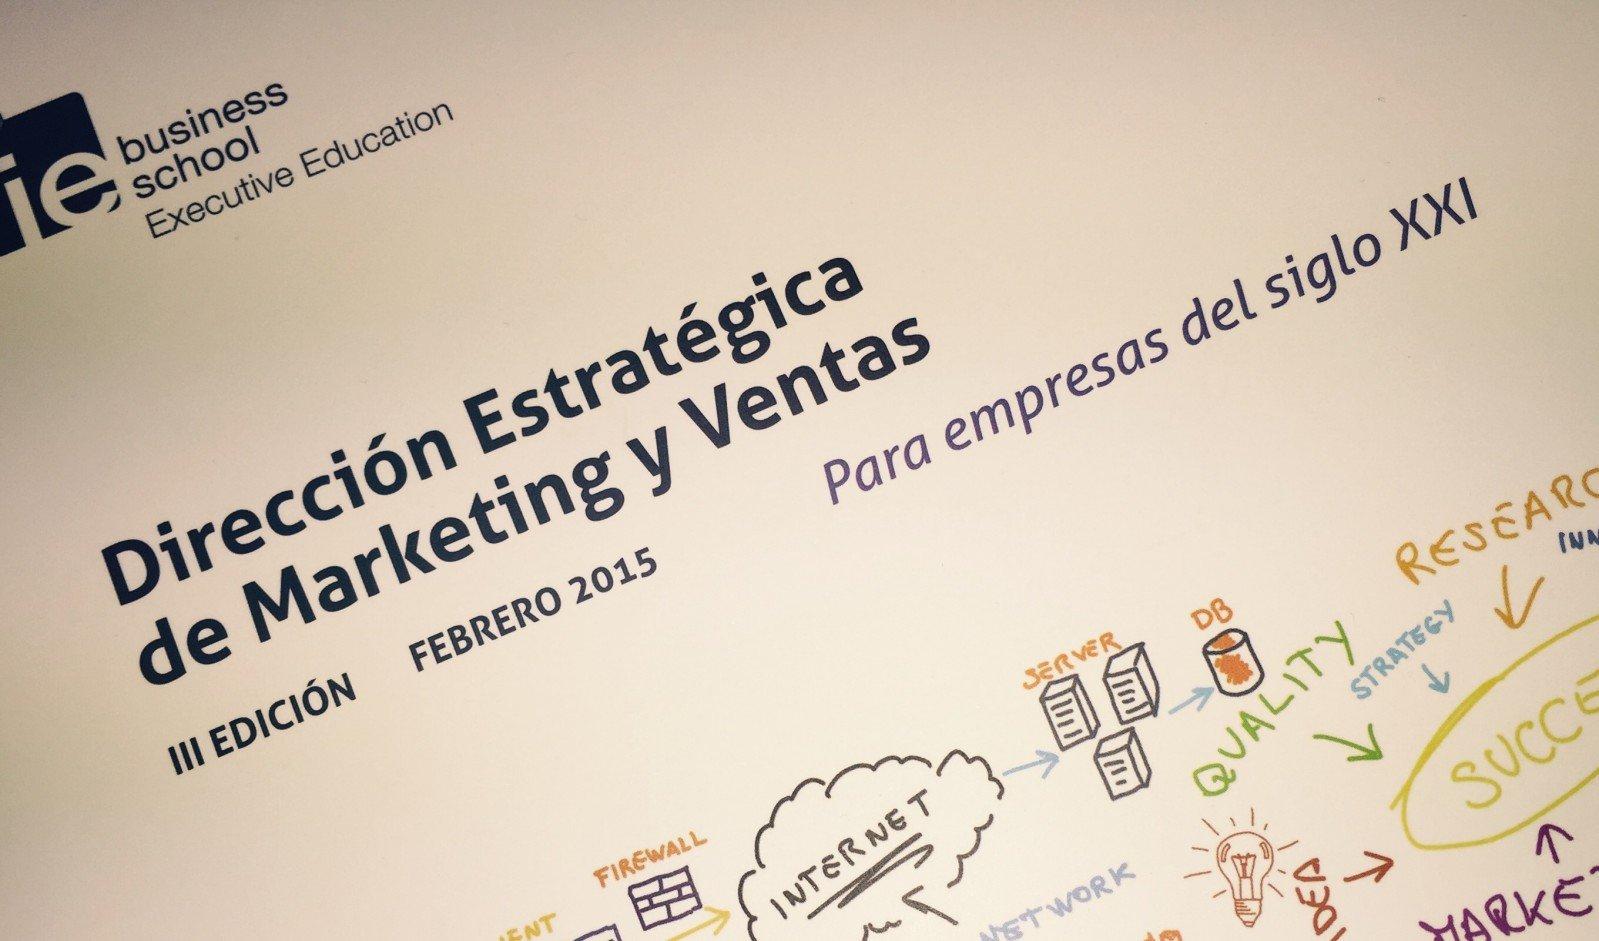 Folleto del Programa Superior en Dirección Estratégica de Marketing y Ventas de IE Business School